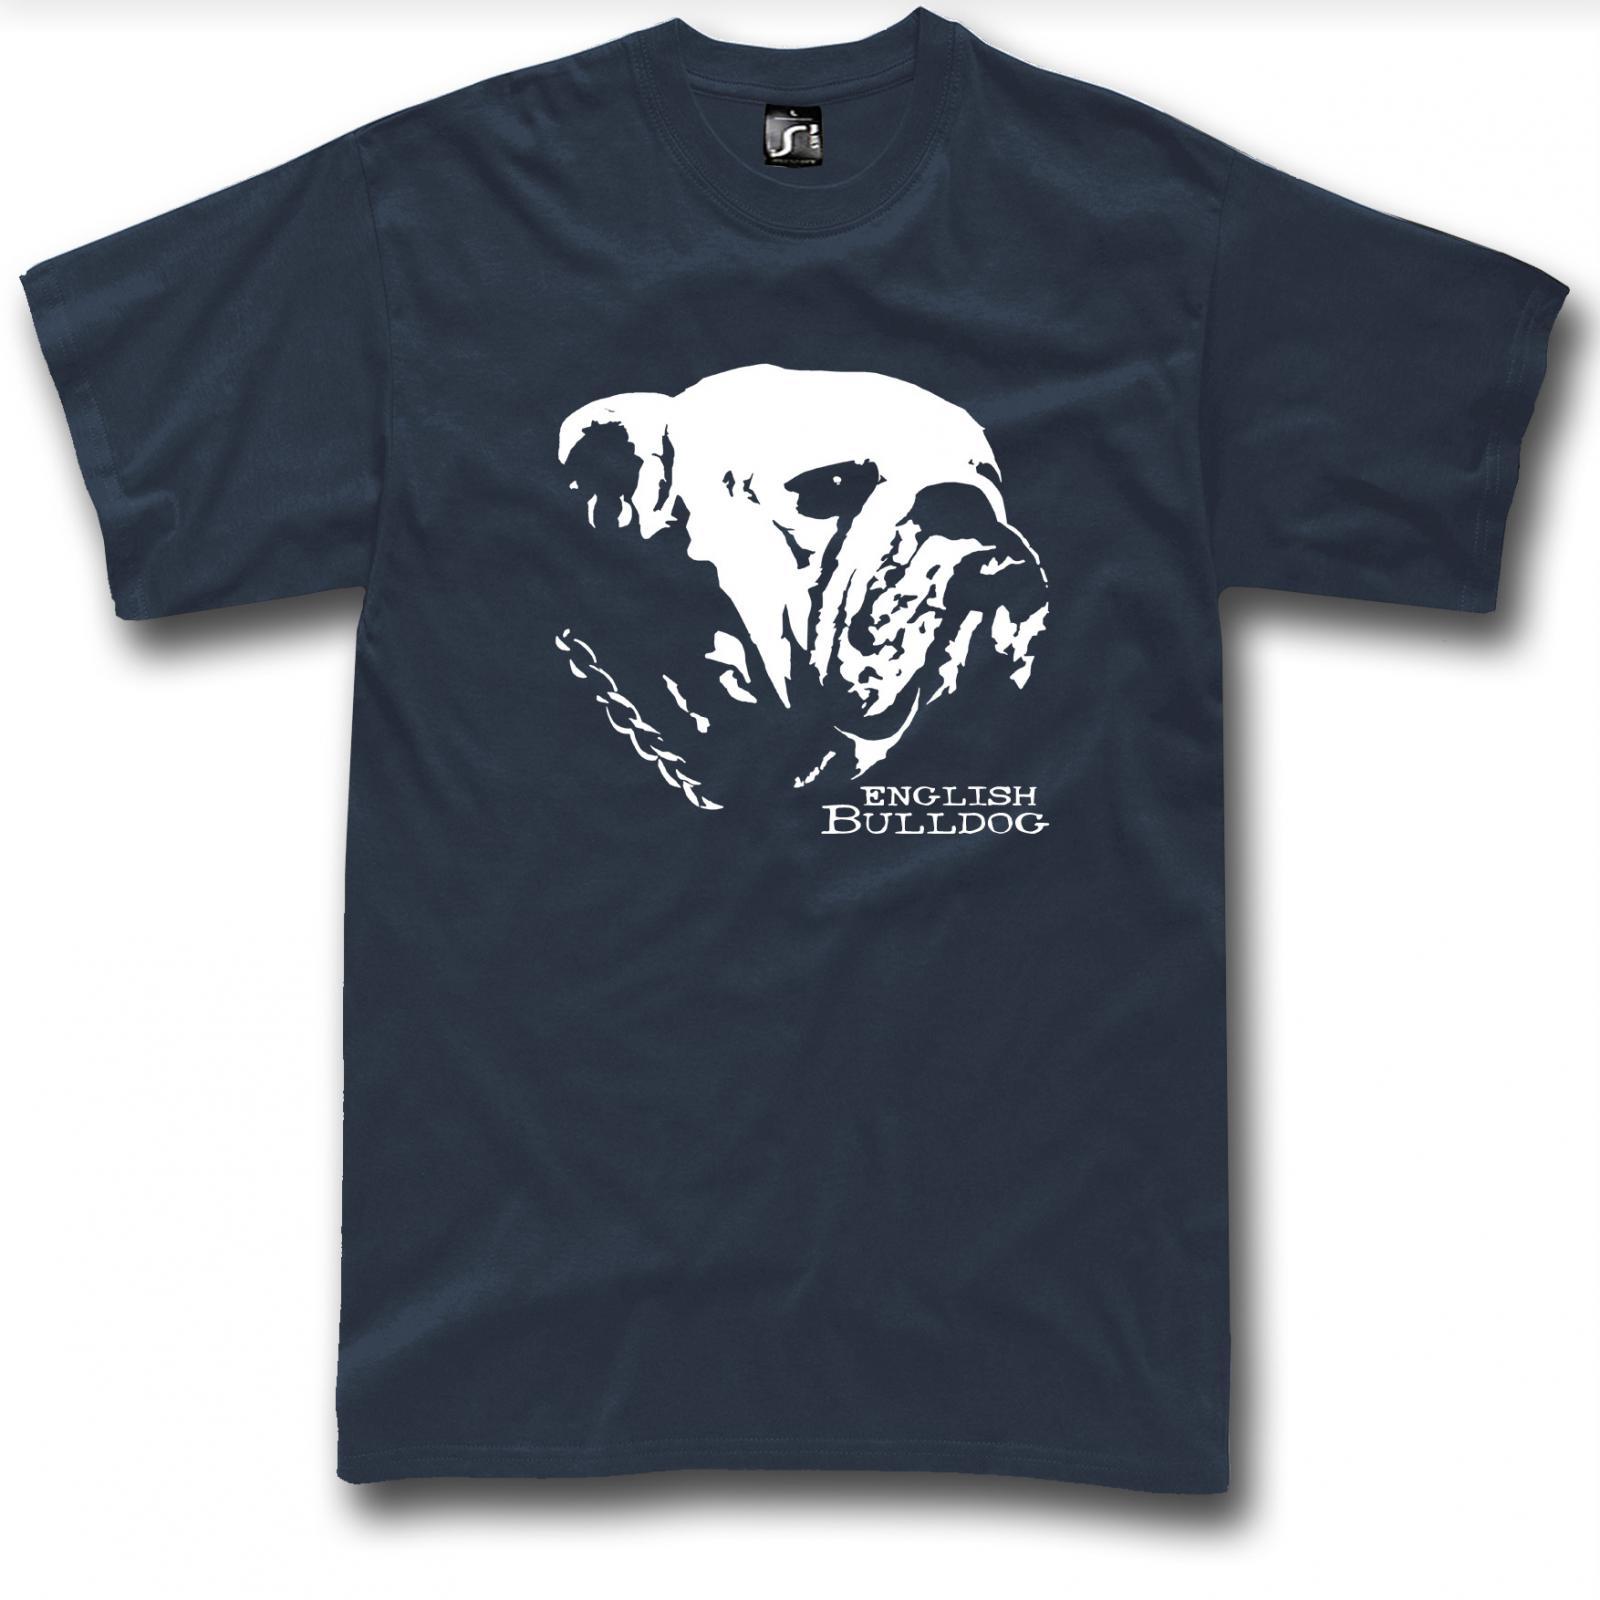 English bulldog t shirt dog graphic new design british T shirts for english bulldogs